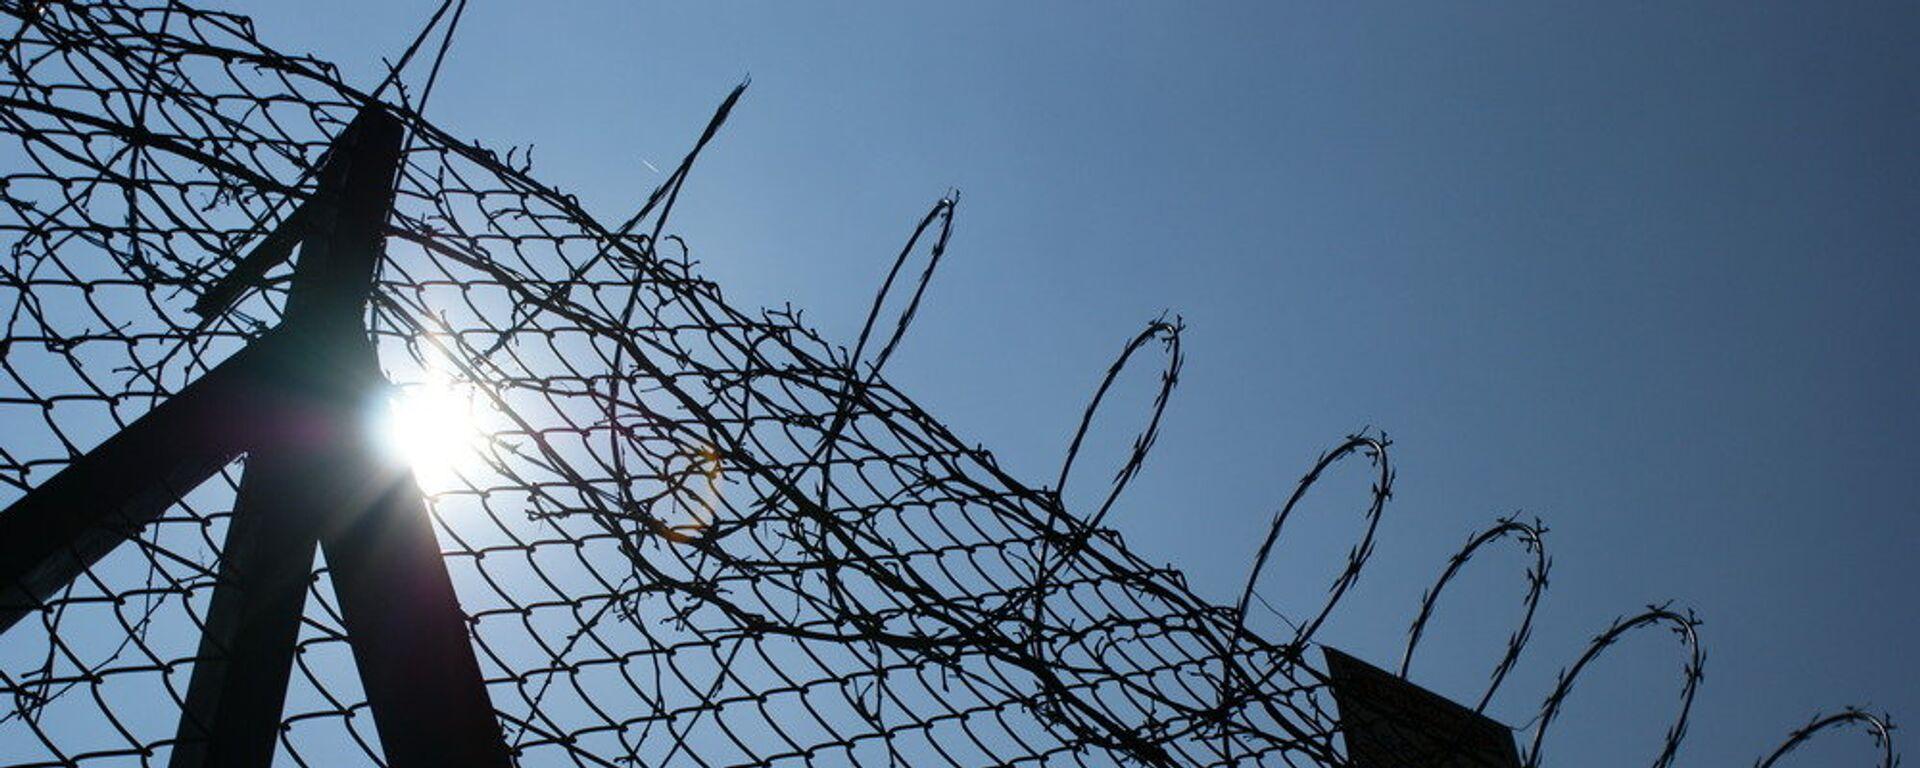 Cárcel en Coyoacán - Sputnik Mundo, 1920, 28.09.2021